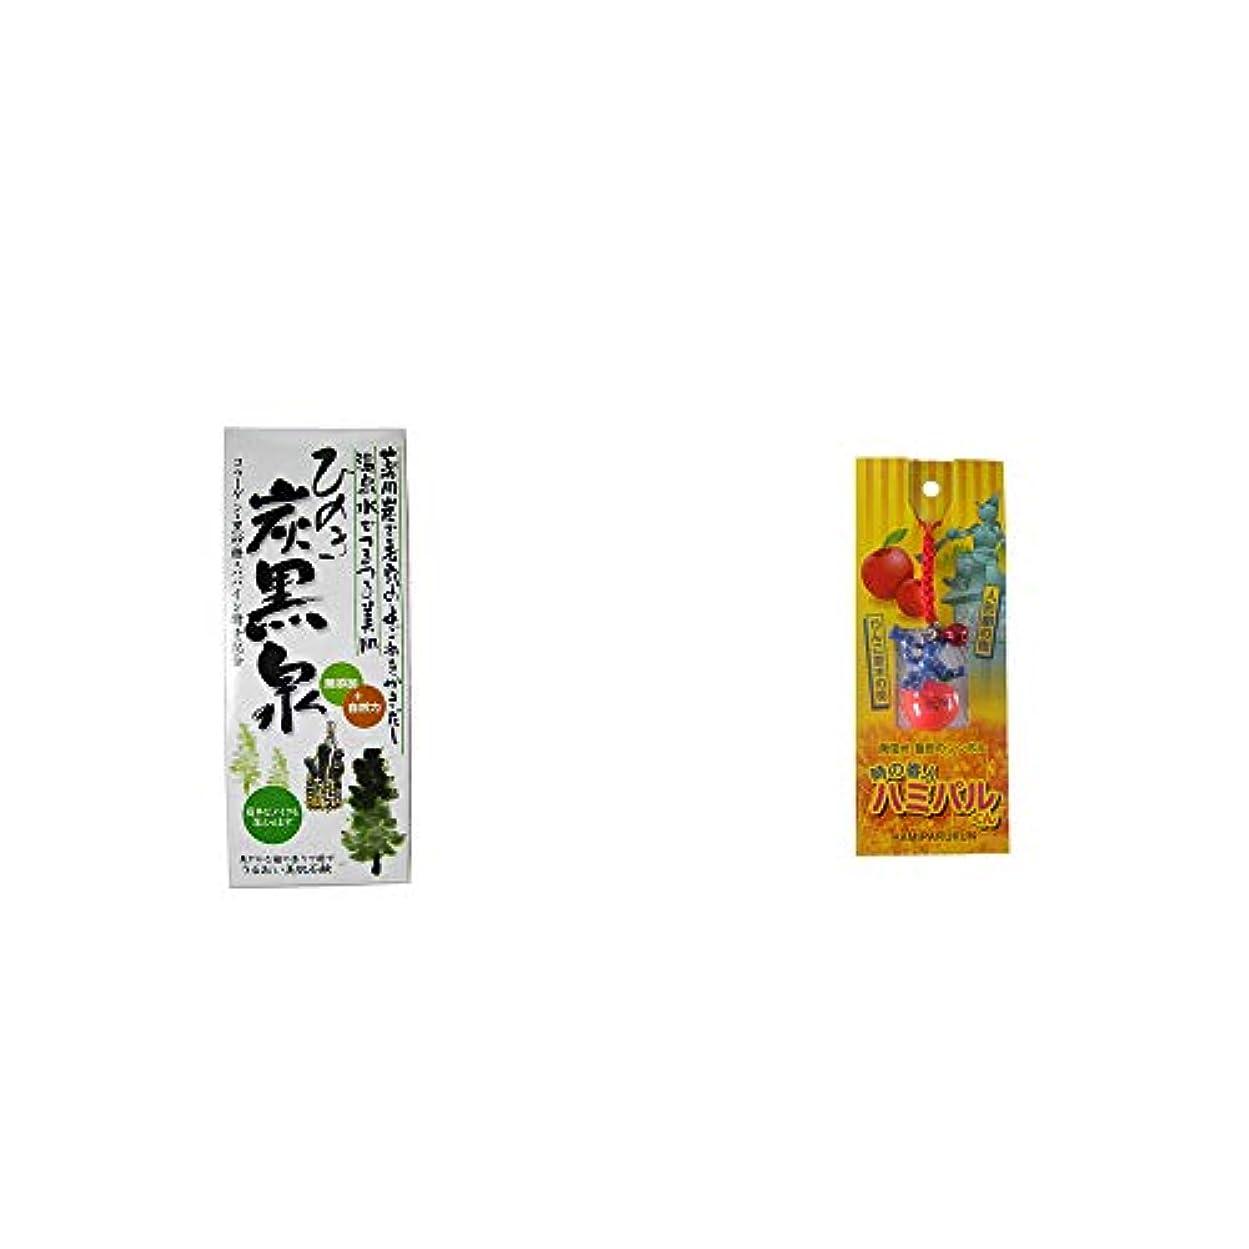 前提条件加入覗く[2点セット] ひのき炭黒泉 箱入り(75g×3)?信州?飯田のシンボル 時の番人ハミパルくんストラップ